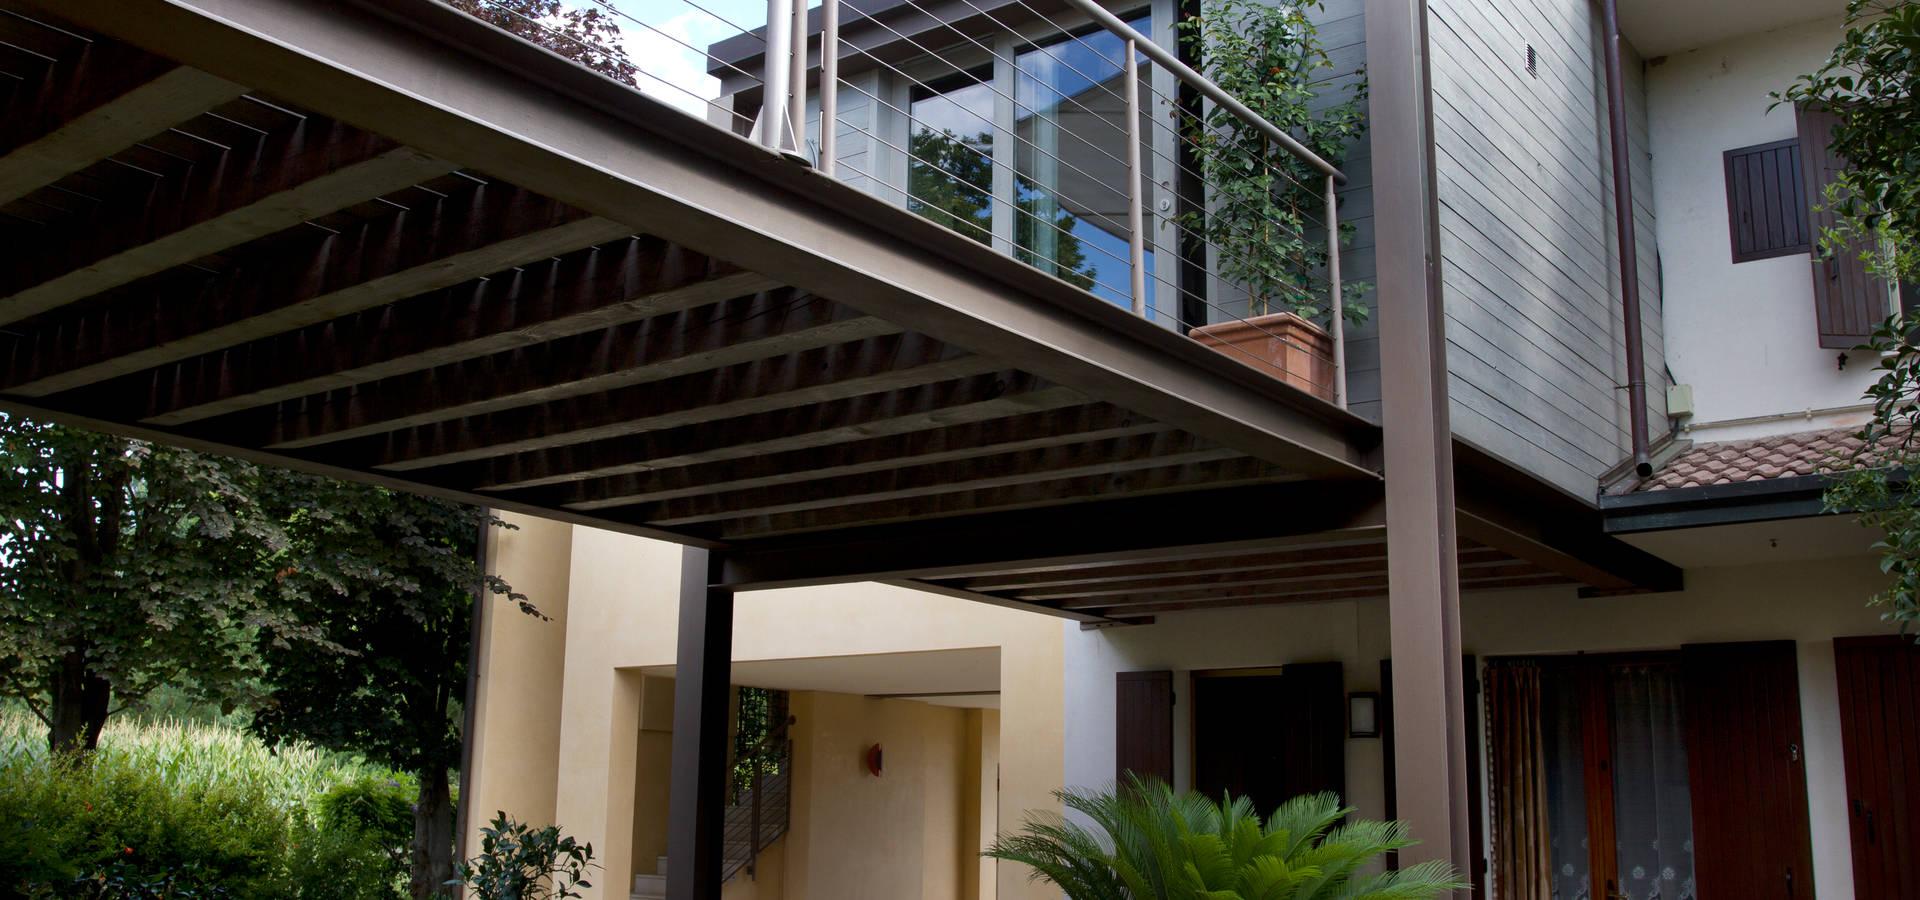 Ampliamento di costruzione di civile abitazione for Kit di costruzione portico